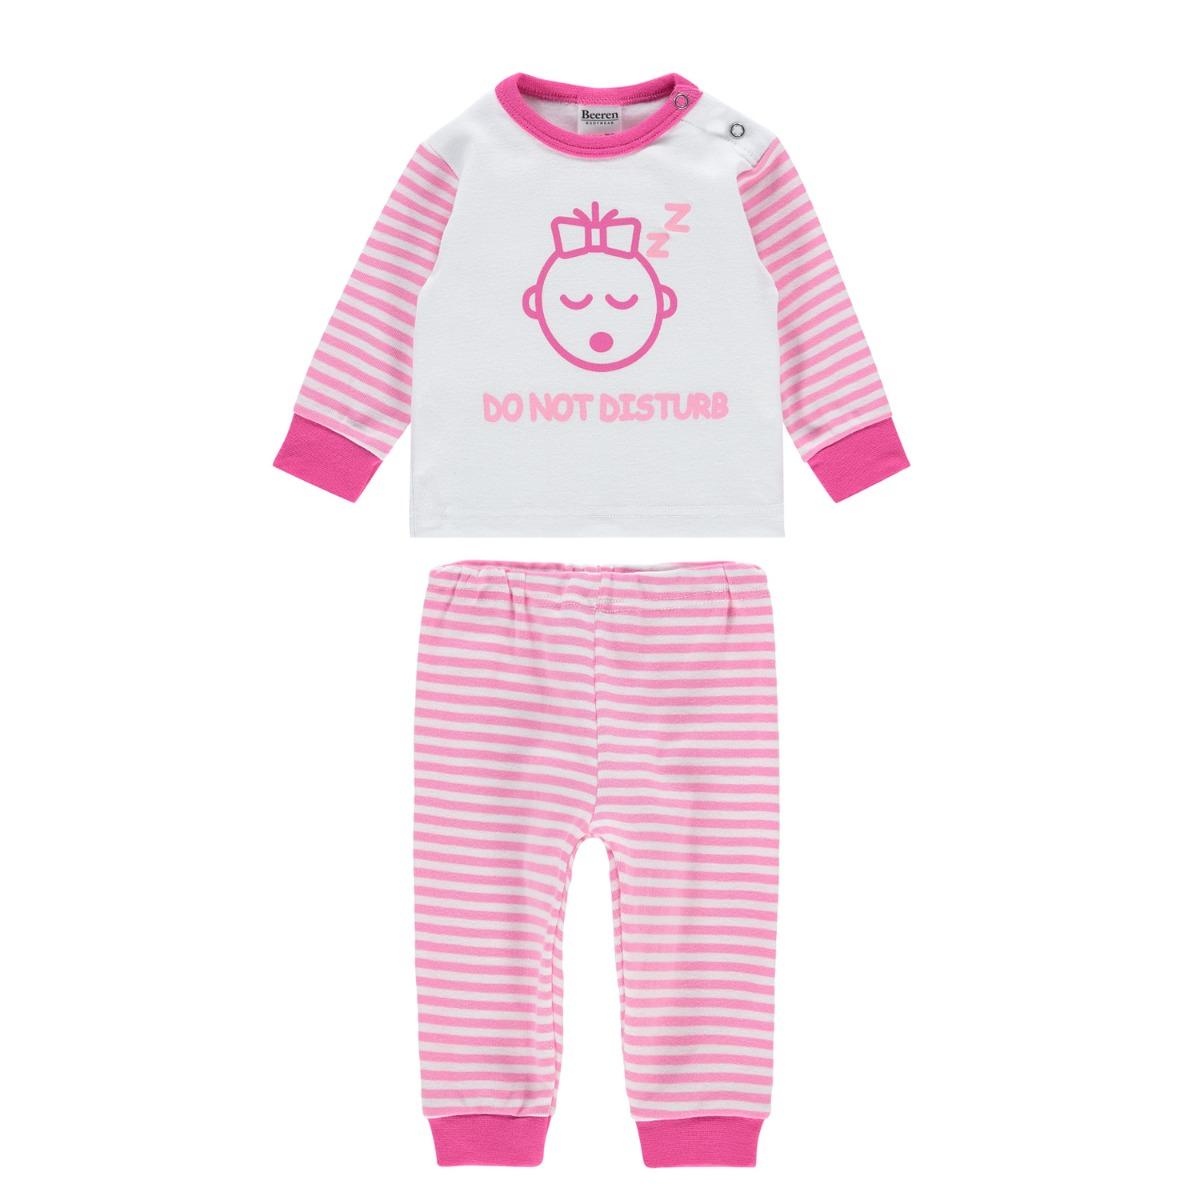 Beeren M3000 Baby Pyjama Do Not Disturb Pink 86/92